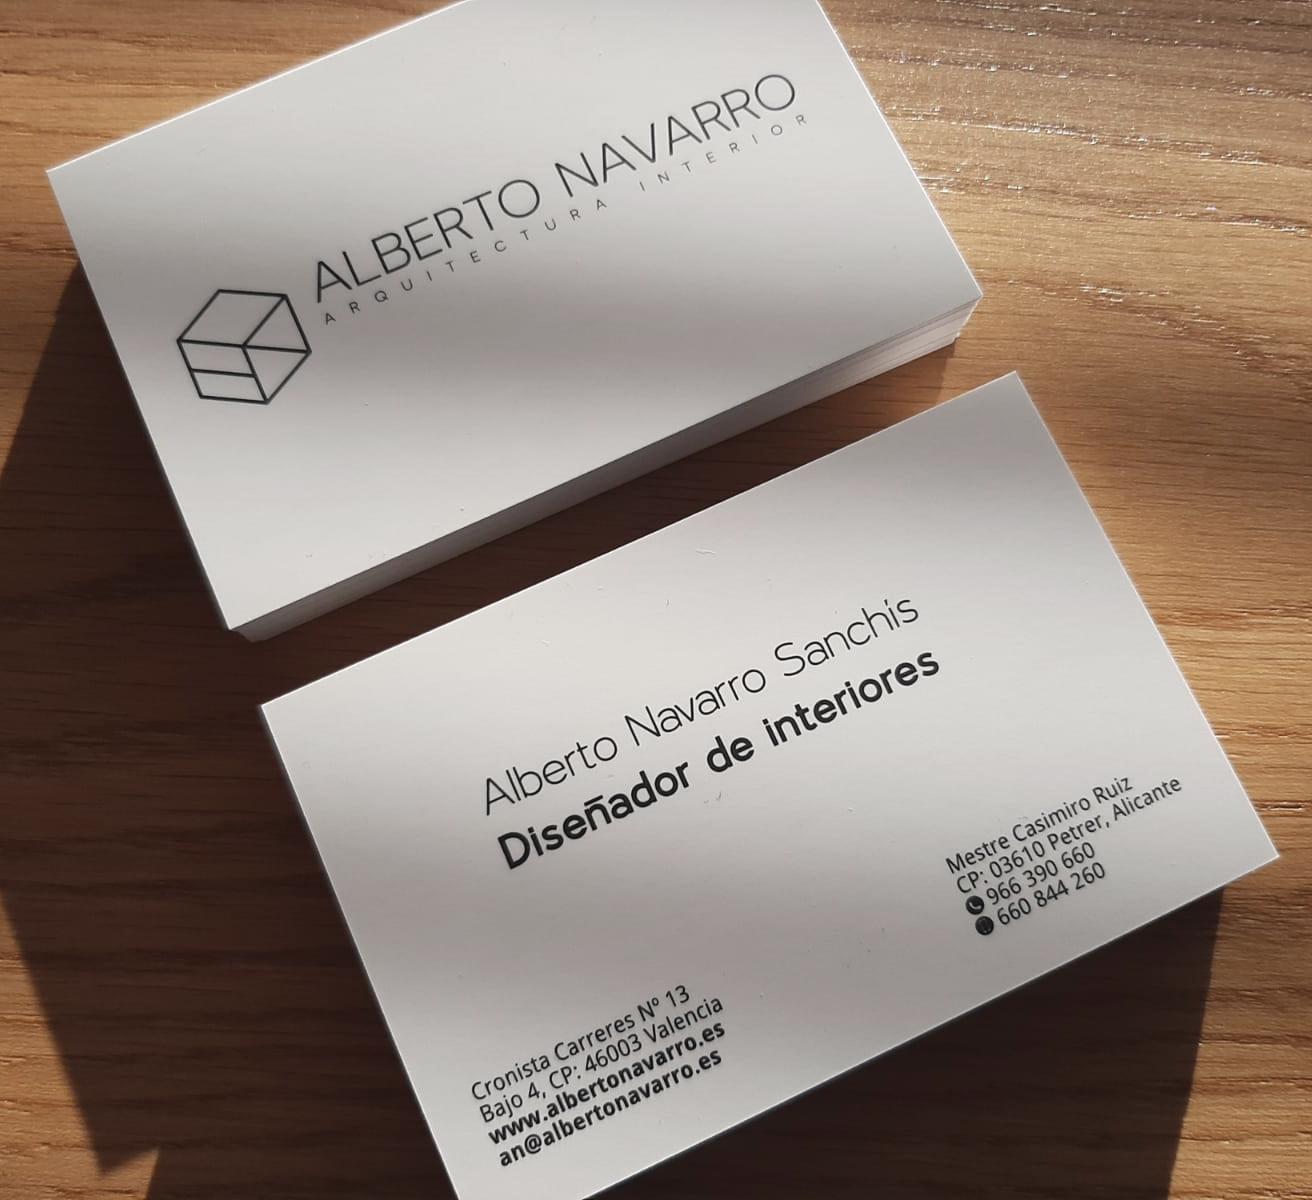 TARJ-ALBERTO-NAVARRO